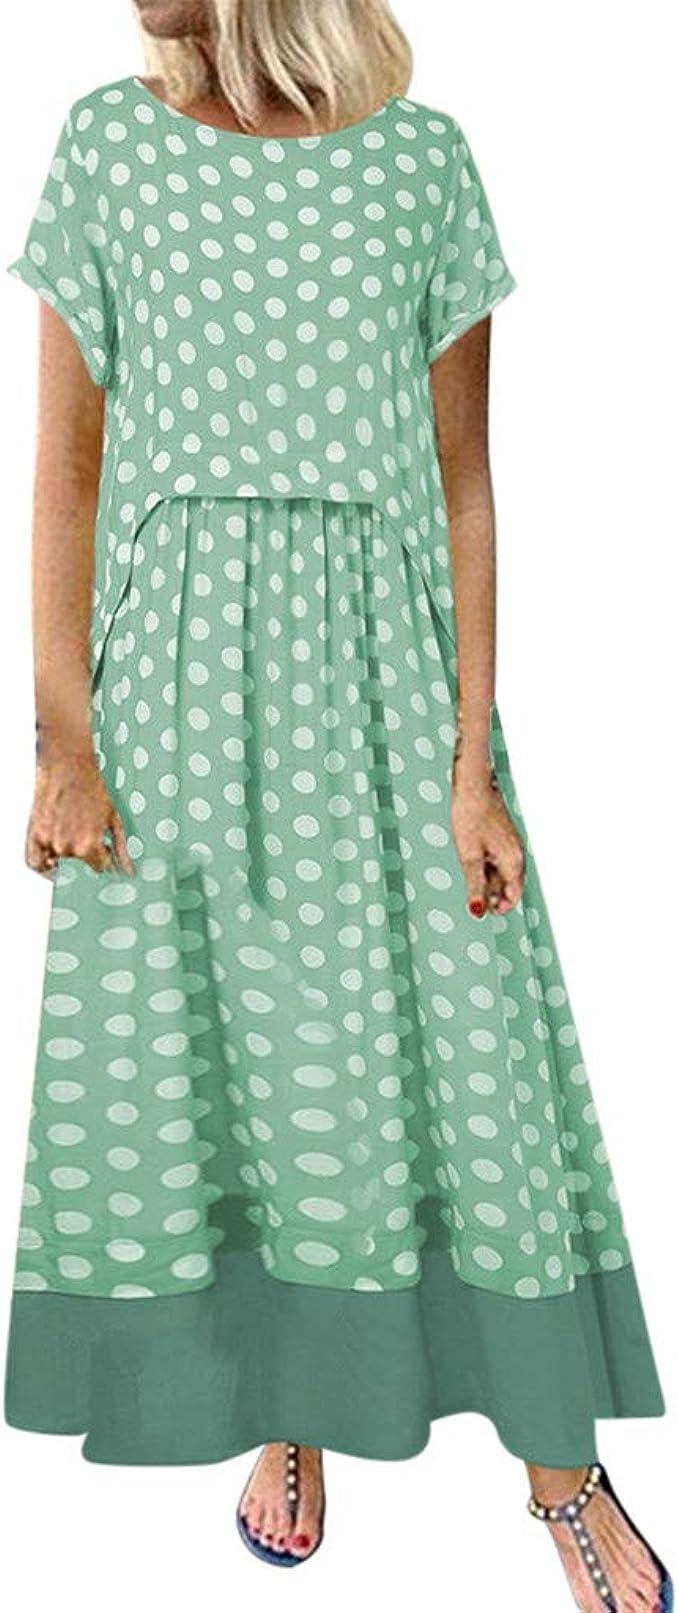 Ansenesna Damen Kleid Punkte Sommer Baumwolle Große Größen Lang